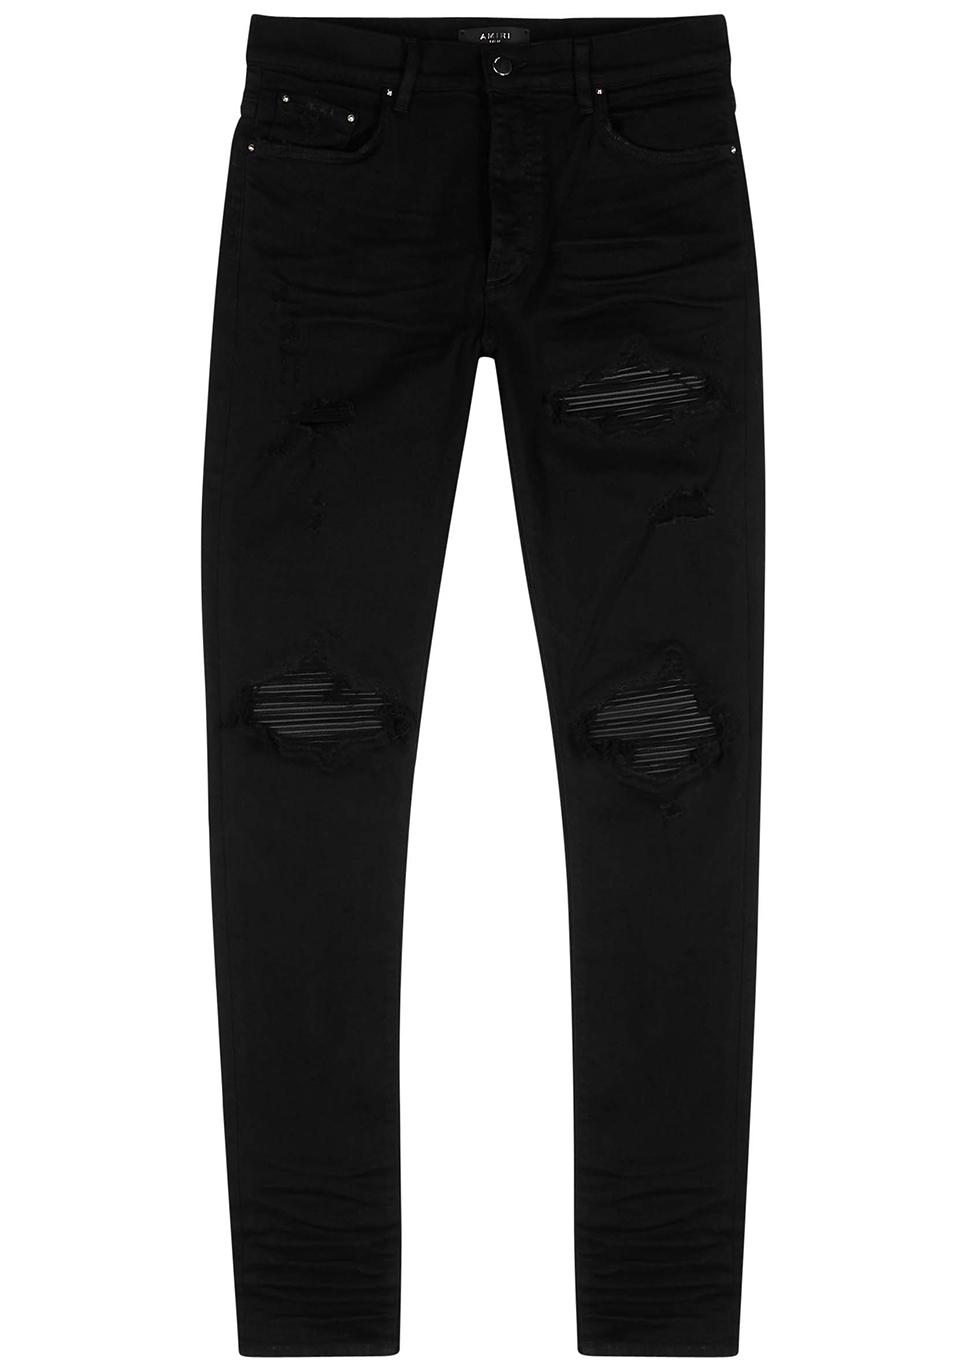 MX1 dark blue distressed skinny jeans